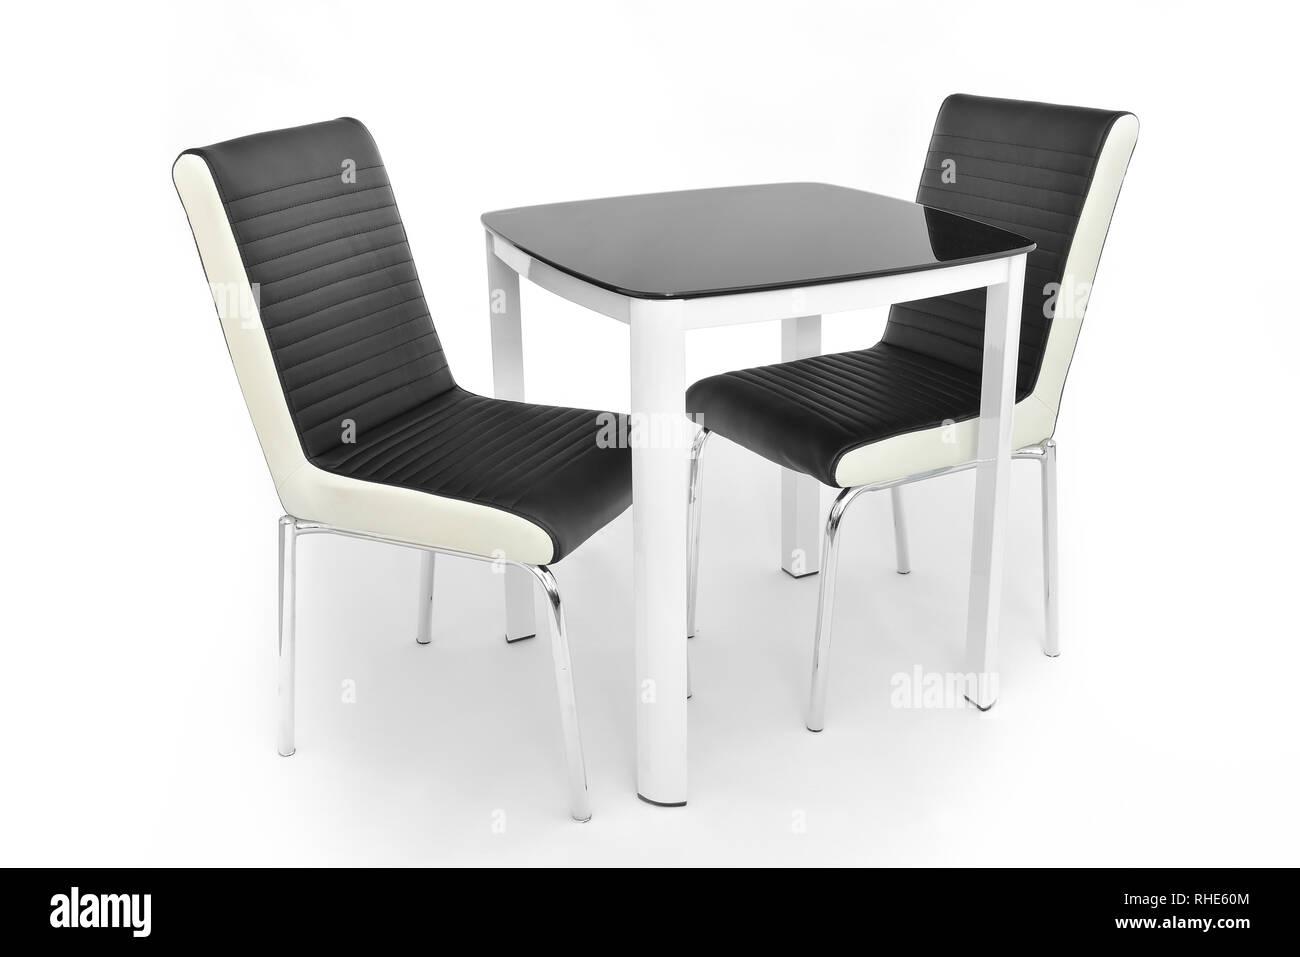 Küche Esszimmer Möbel Set von Tisch und zwei Stühle. Der moderne ...